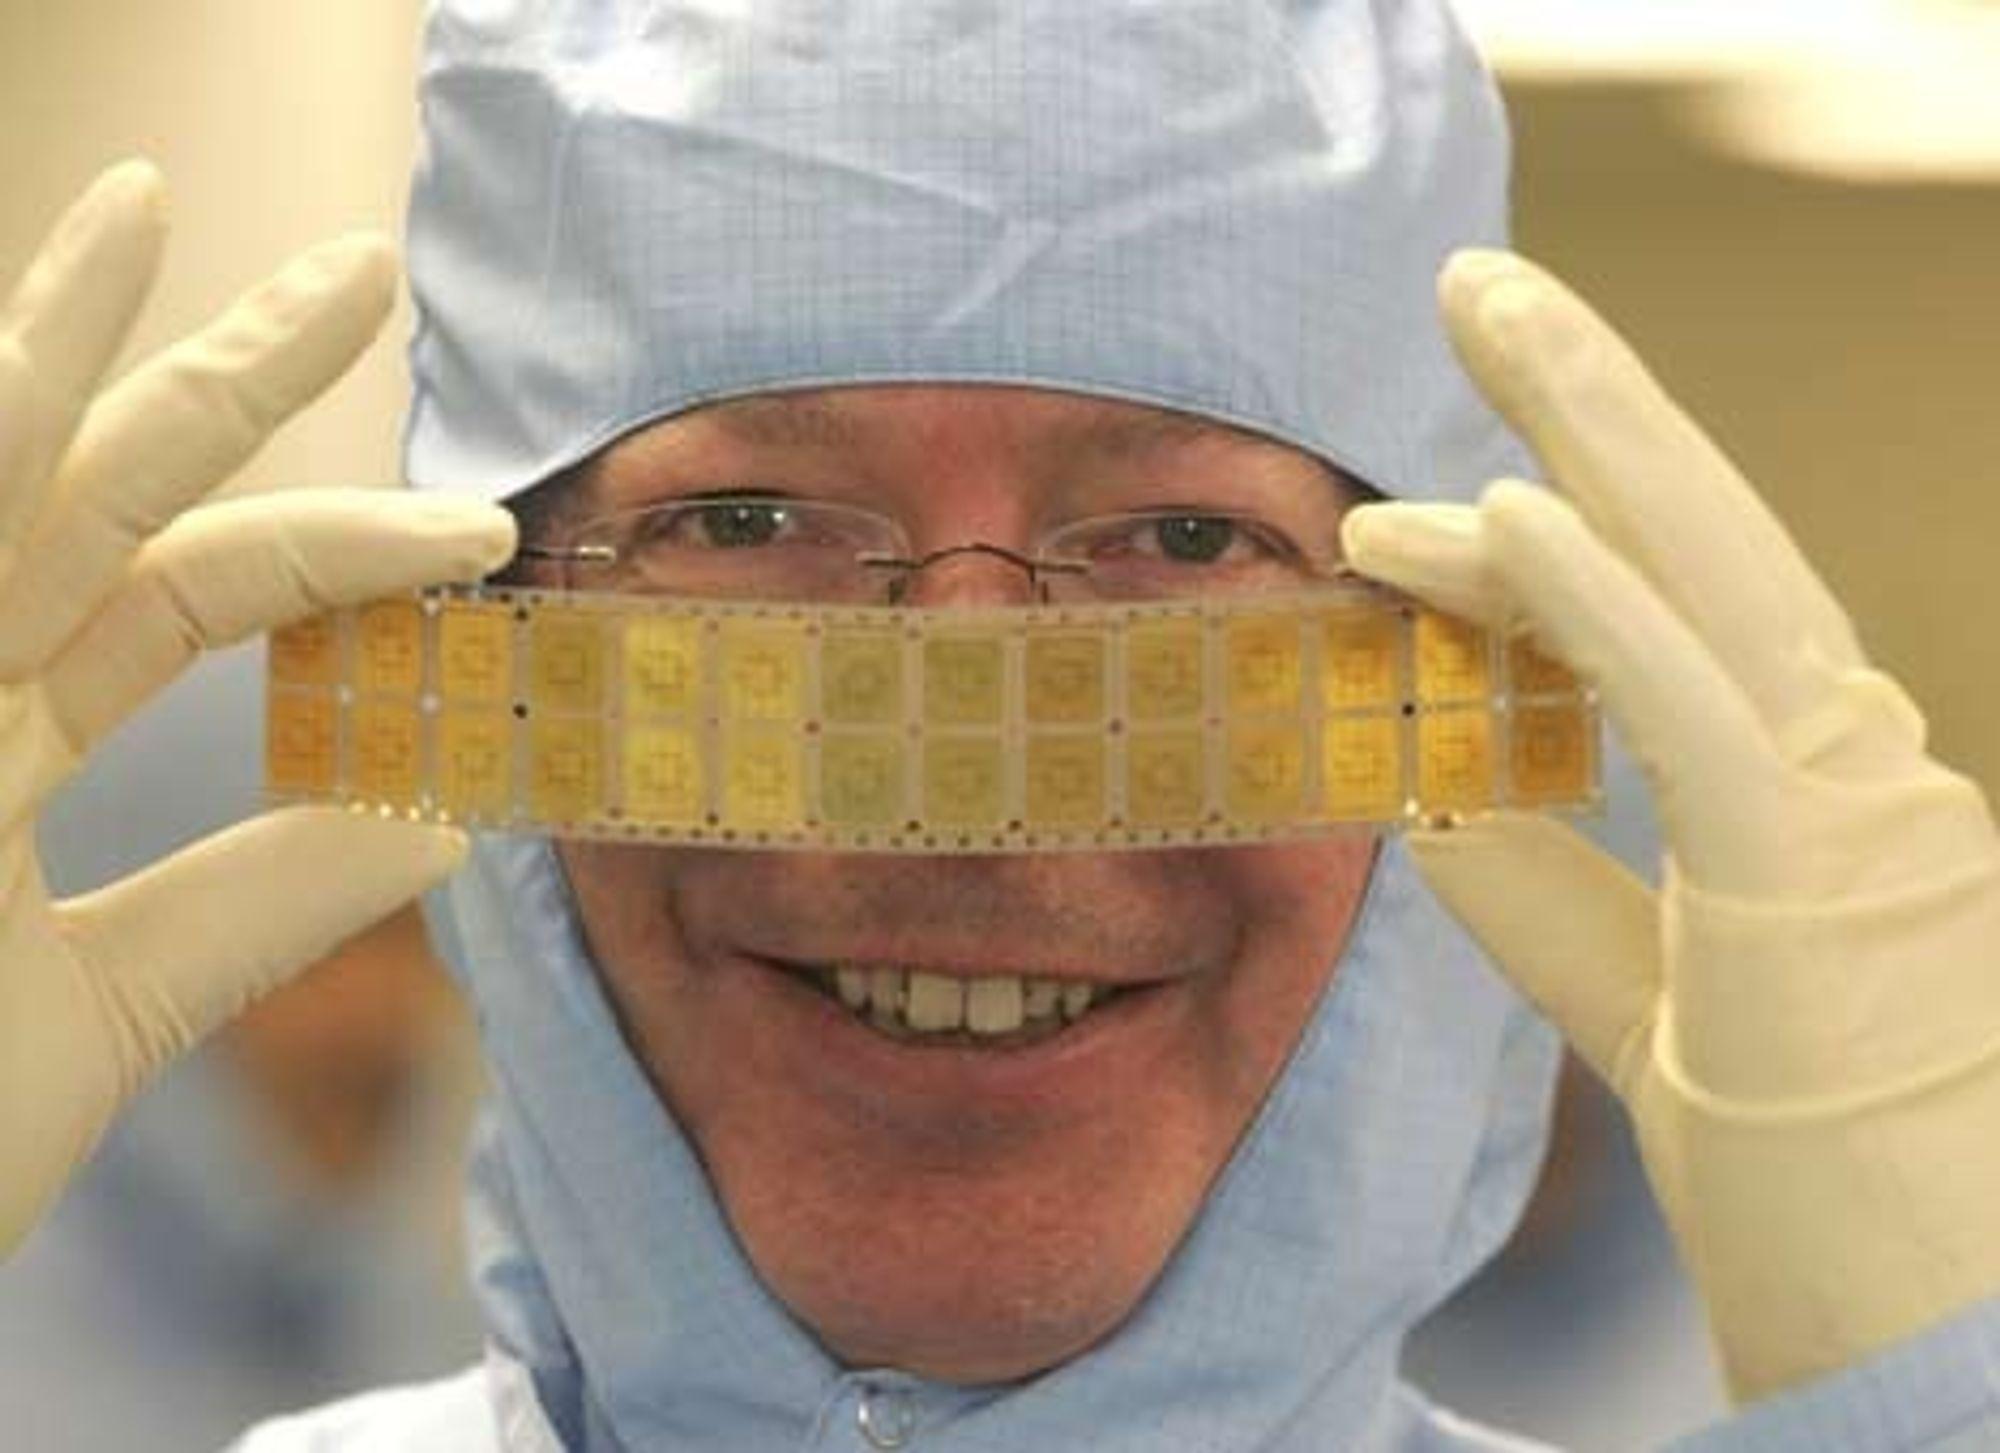 SMARTERE: Atmel i Skottland utvider nå sin FoU- og produksjonskapasitet på halvledere og mikrobrikker i særlig tynne format.